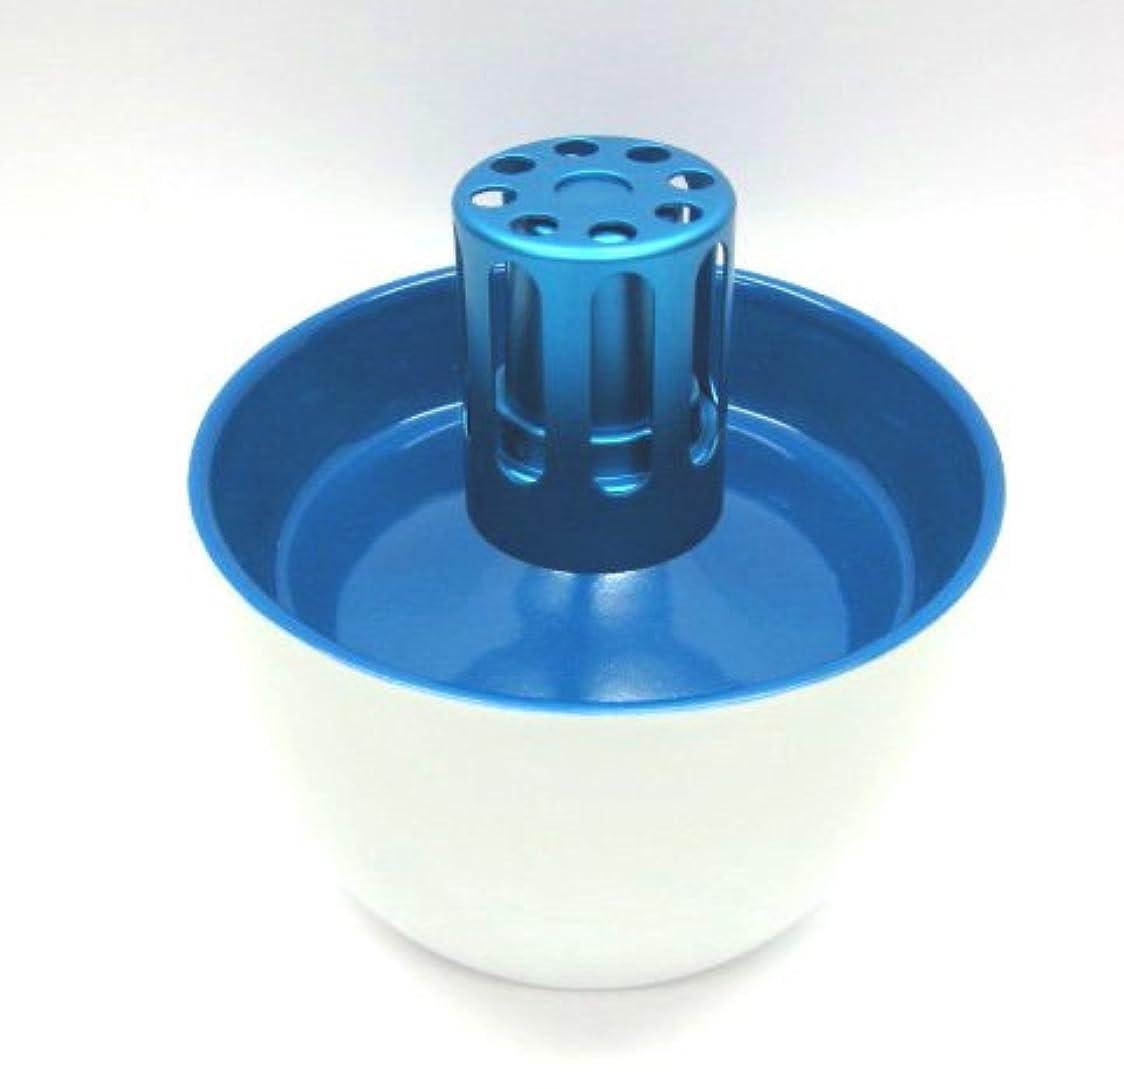 ランプベルジェ?ランプ Bol Blue